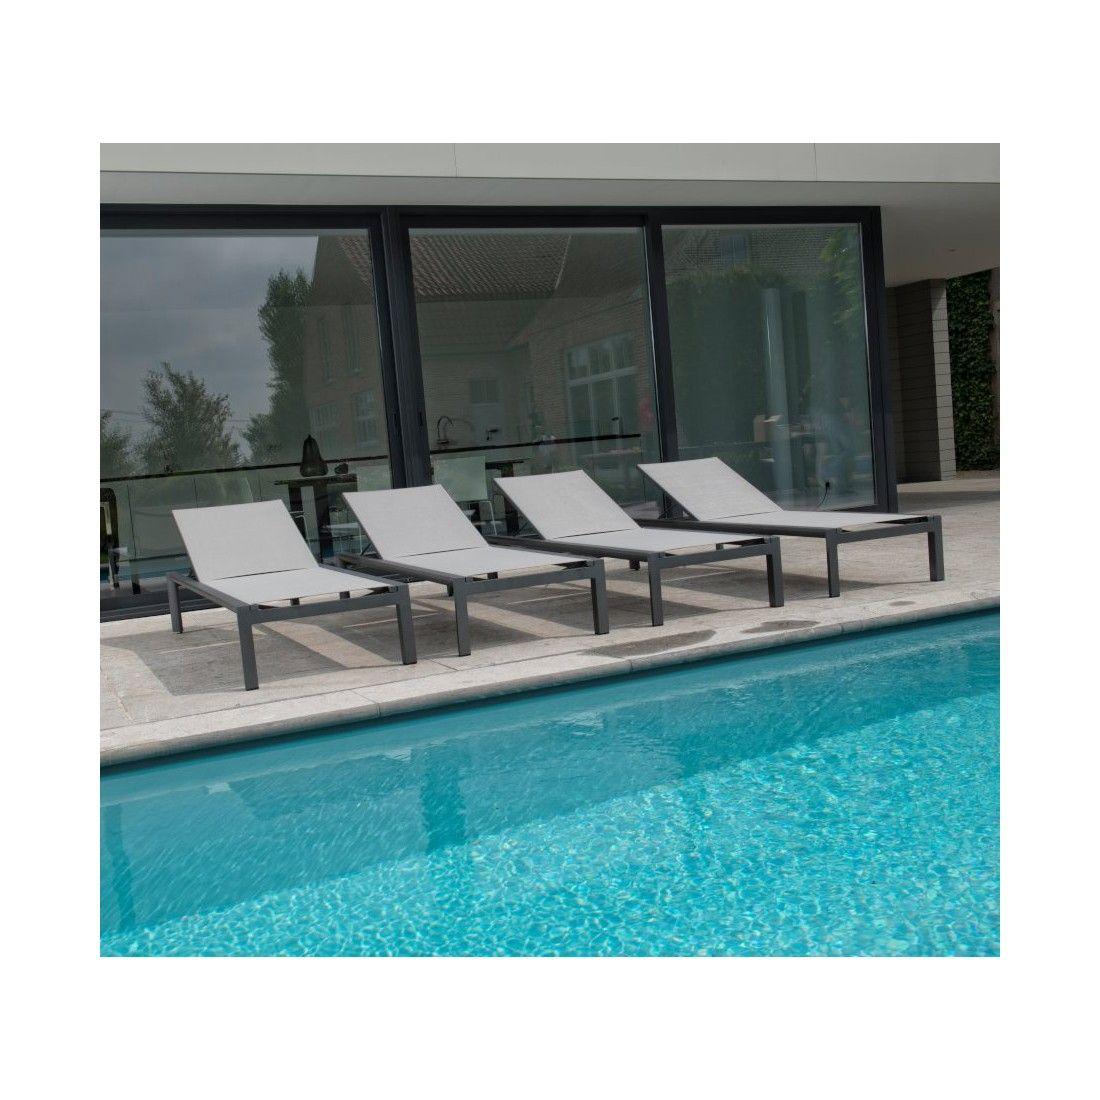 Lit bain de soleil textylène et aluminium, modèle Vittorio